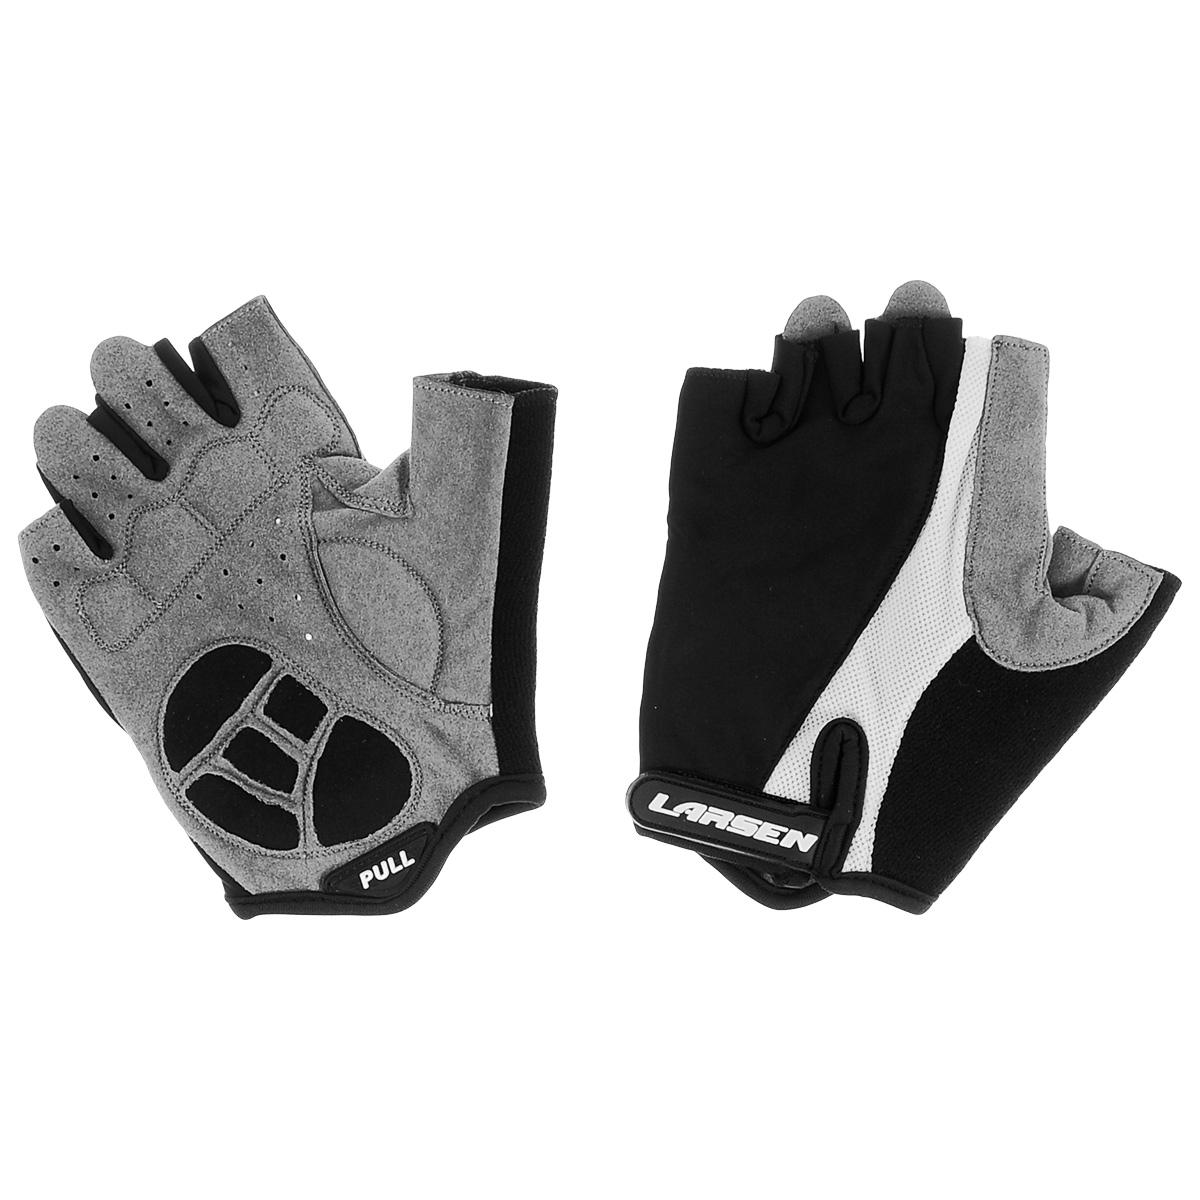 Велоперчатки Larsen, цвет: черный, серый, белый. Размер XL. 01-1226